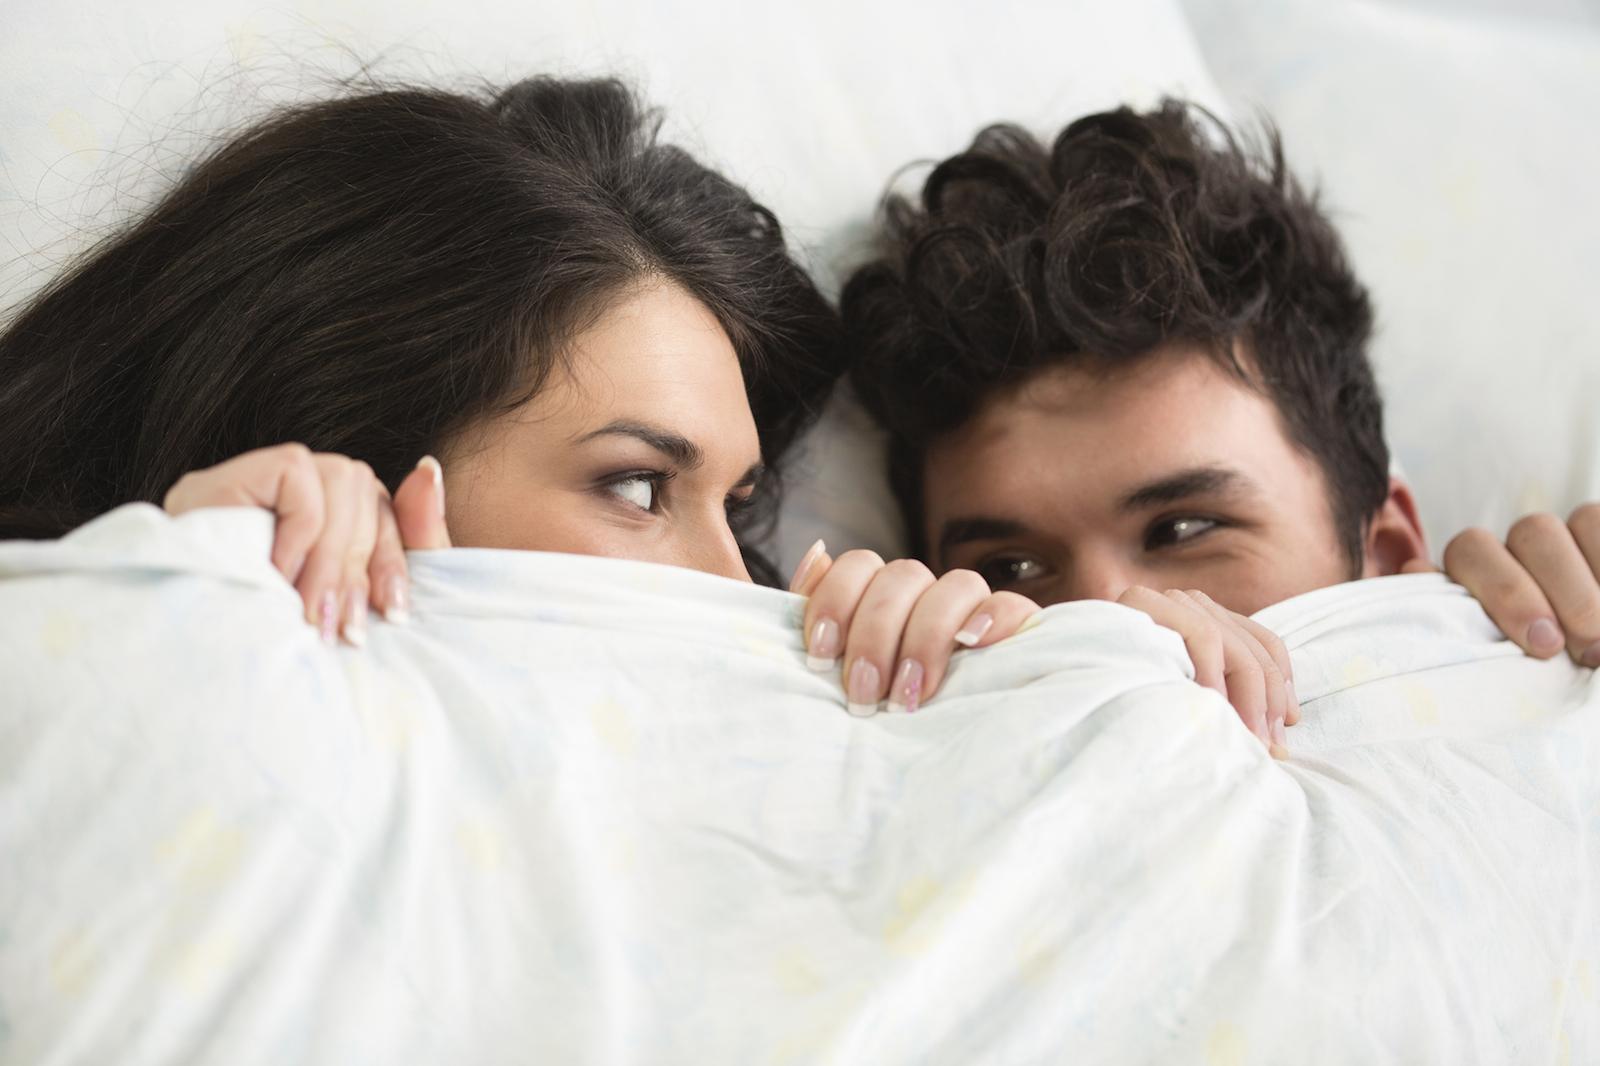 Kamasutra per l 39 intesa di coppia - Problemi di coppia a letto ...